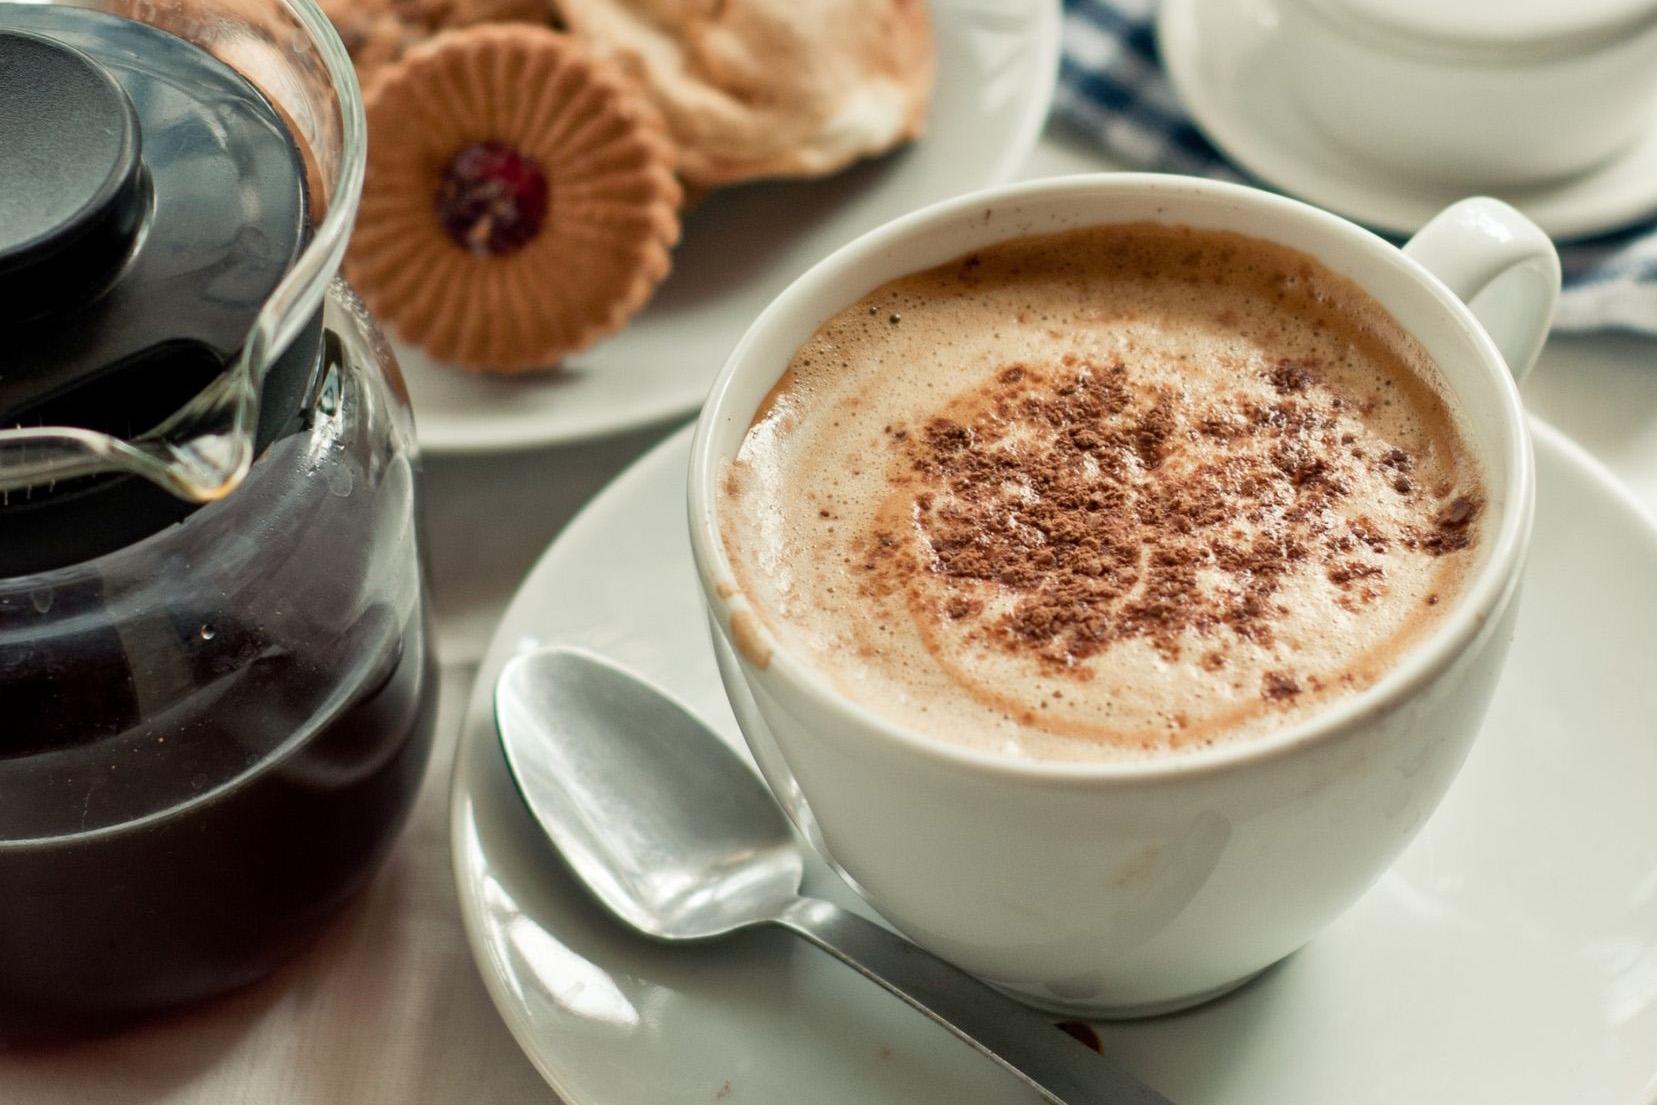 Garantált fogyás kávéval - 13 nap alatt mínusz 8 kiló | Femcafe